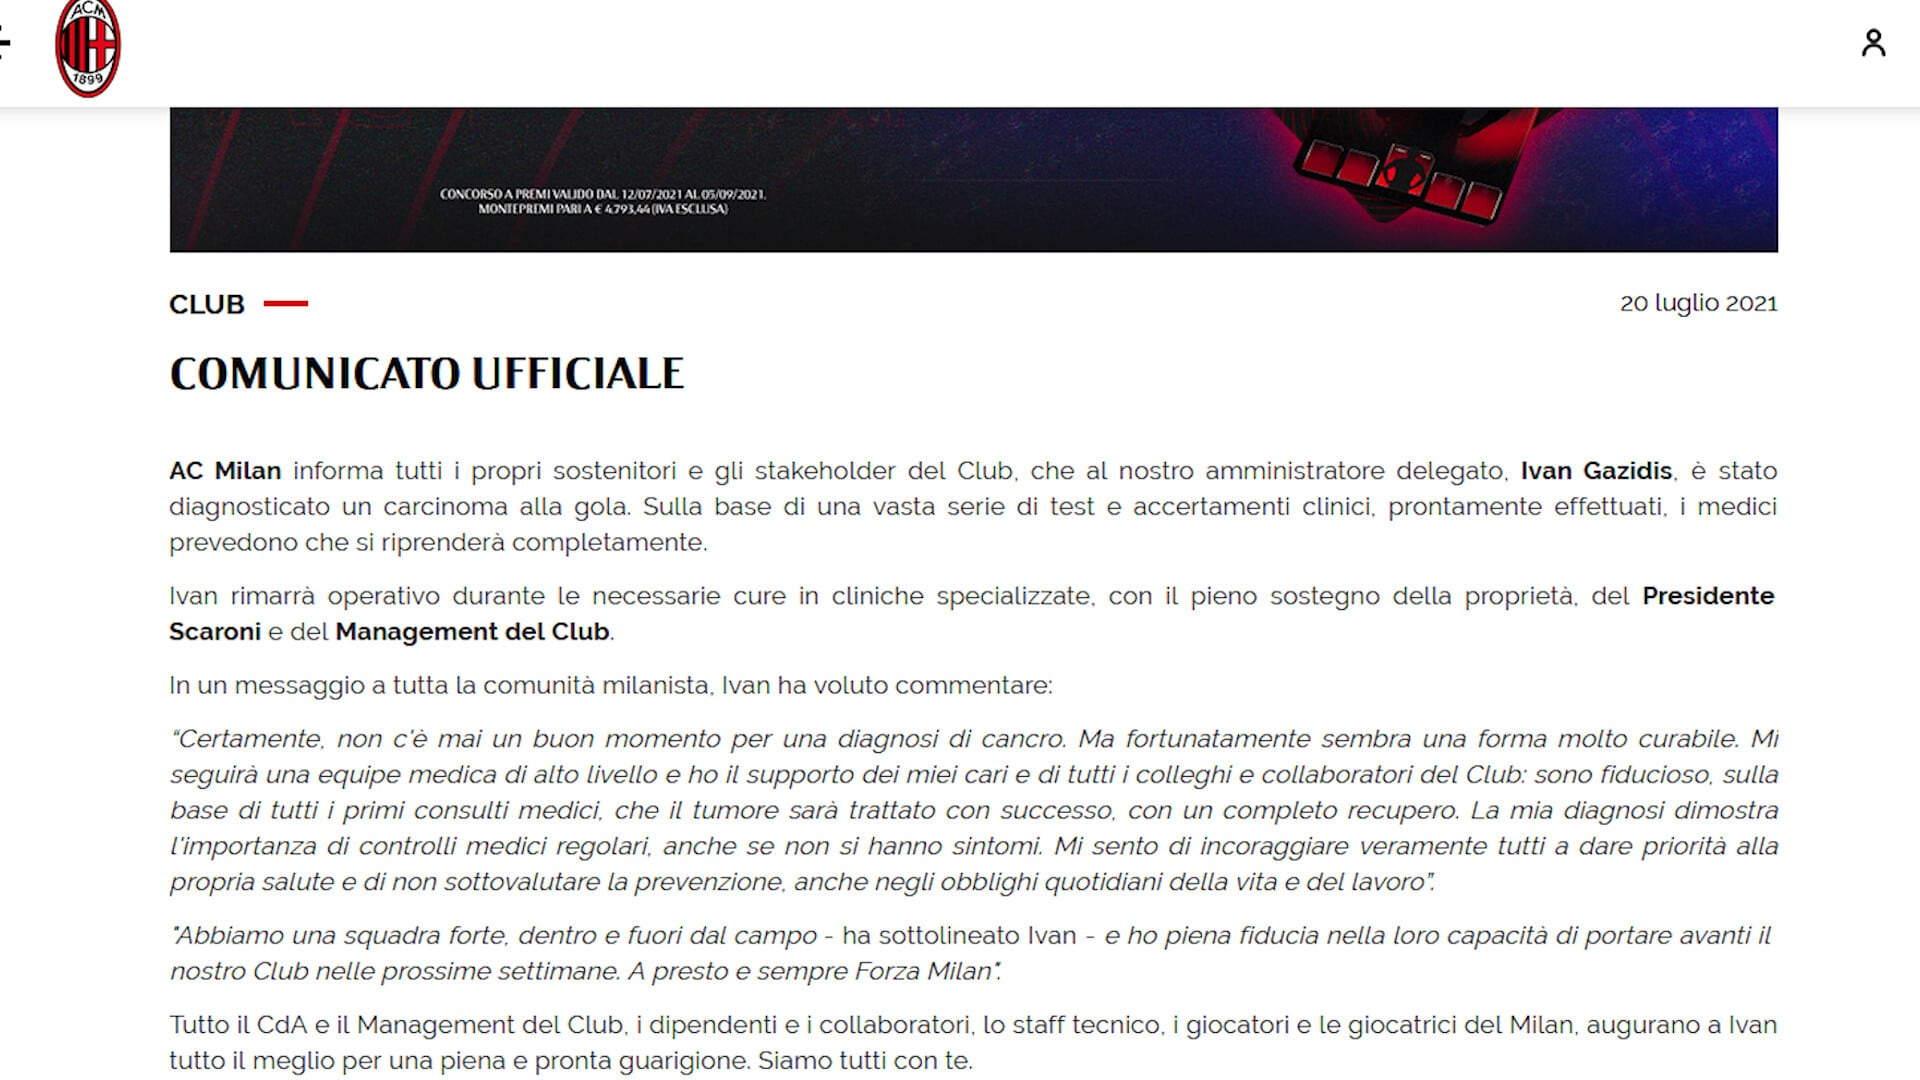 Il Milan comunica una notizia shock: Gazidis ha un tumore alla gola